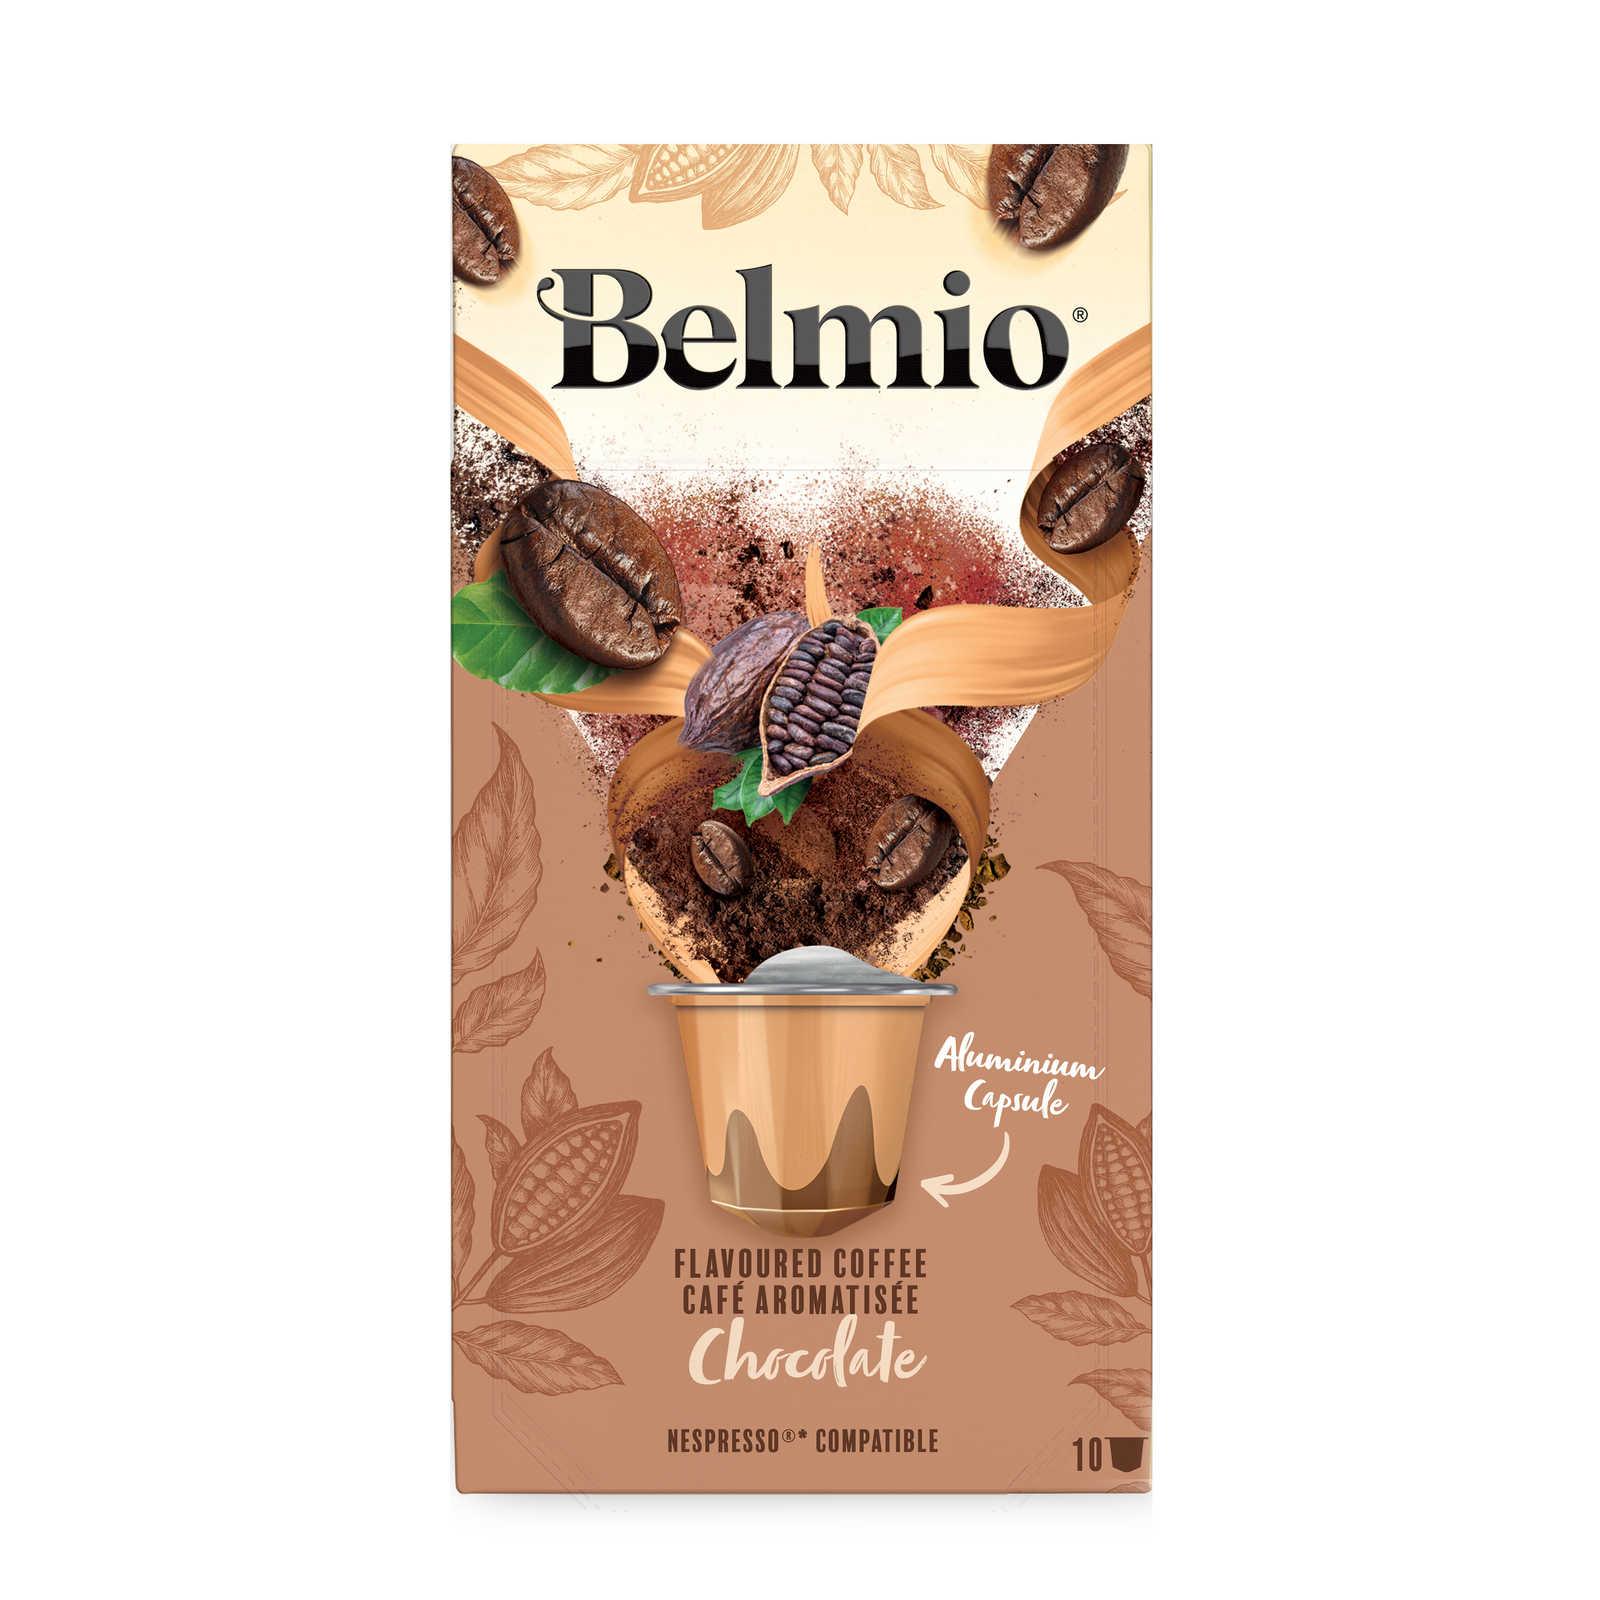 Belmio